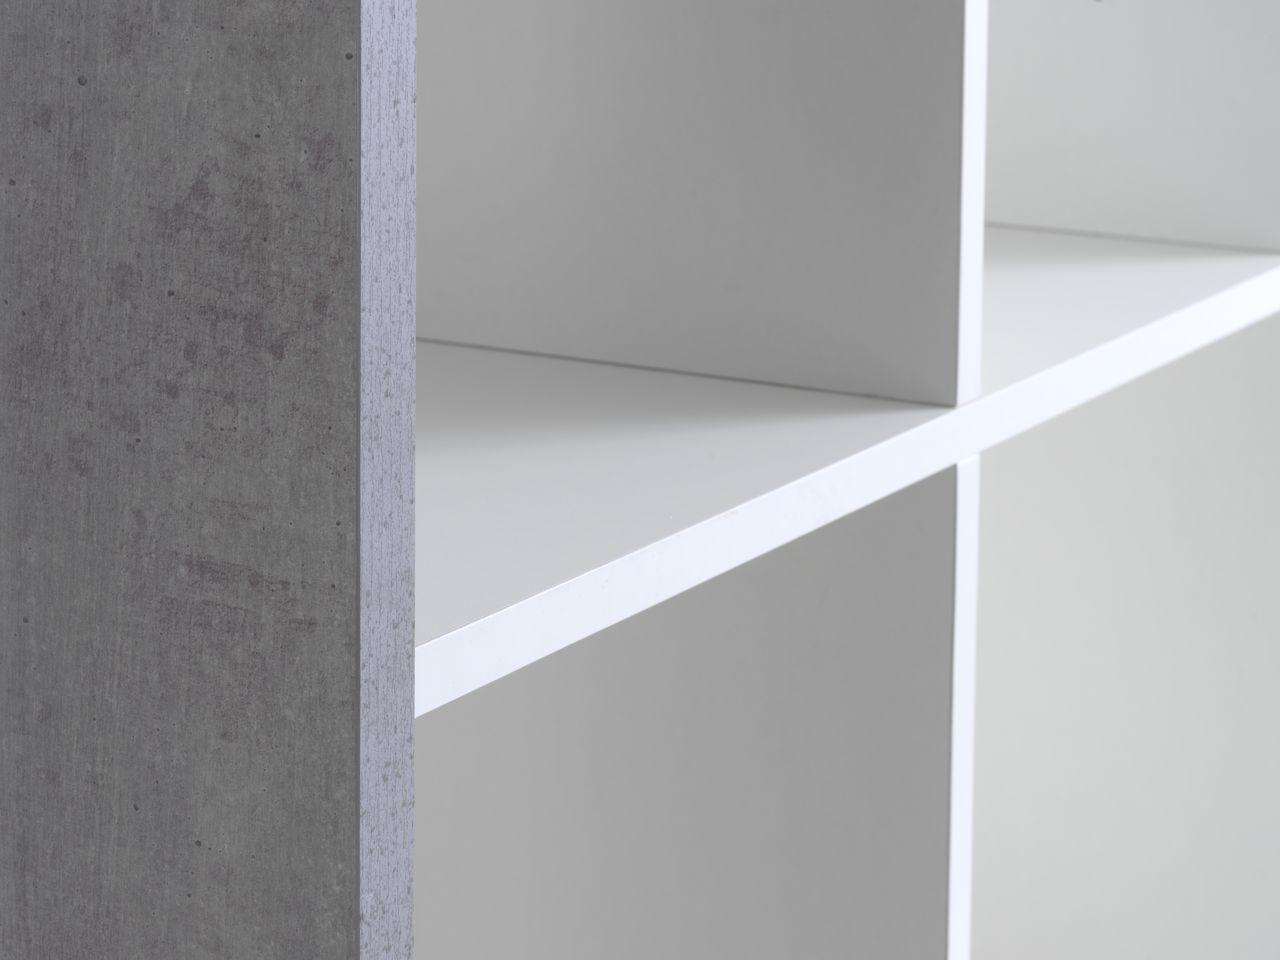 Open Kast Wit : Open kast haldager schap wit beton jysk